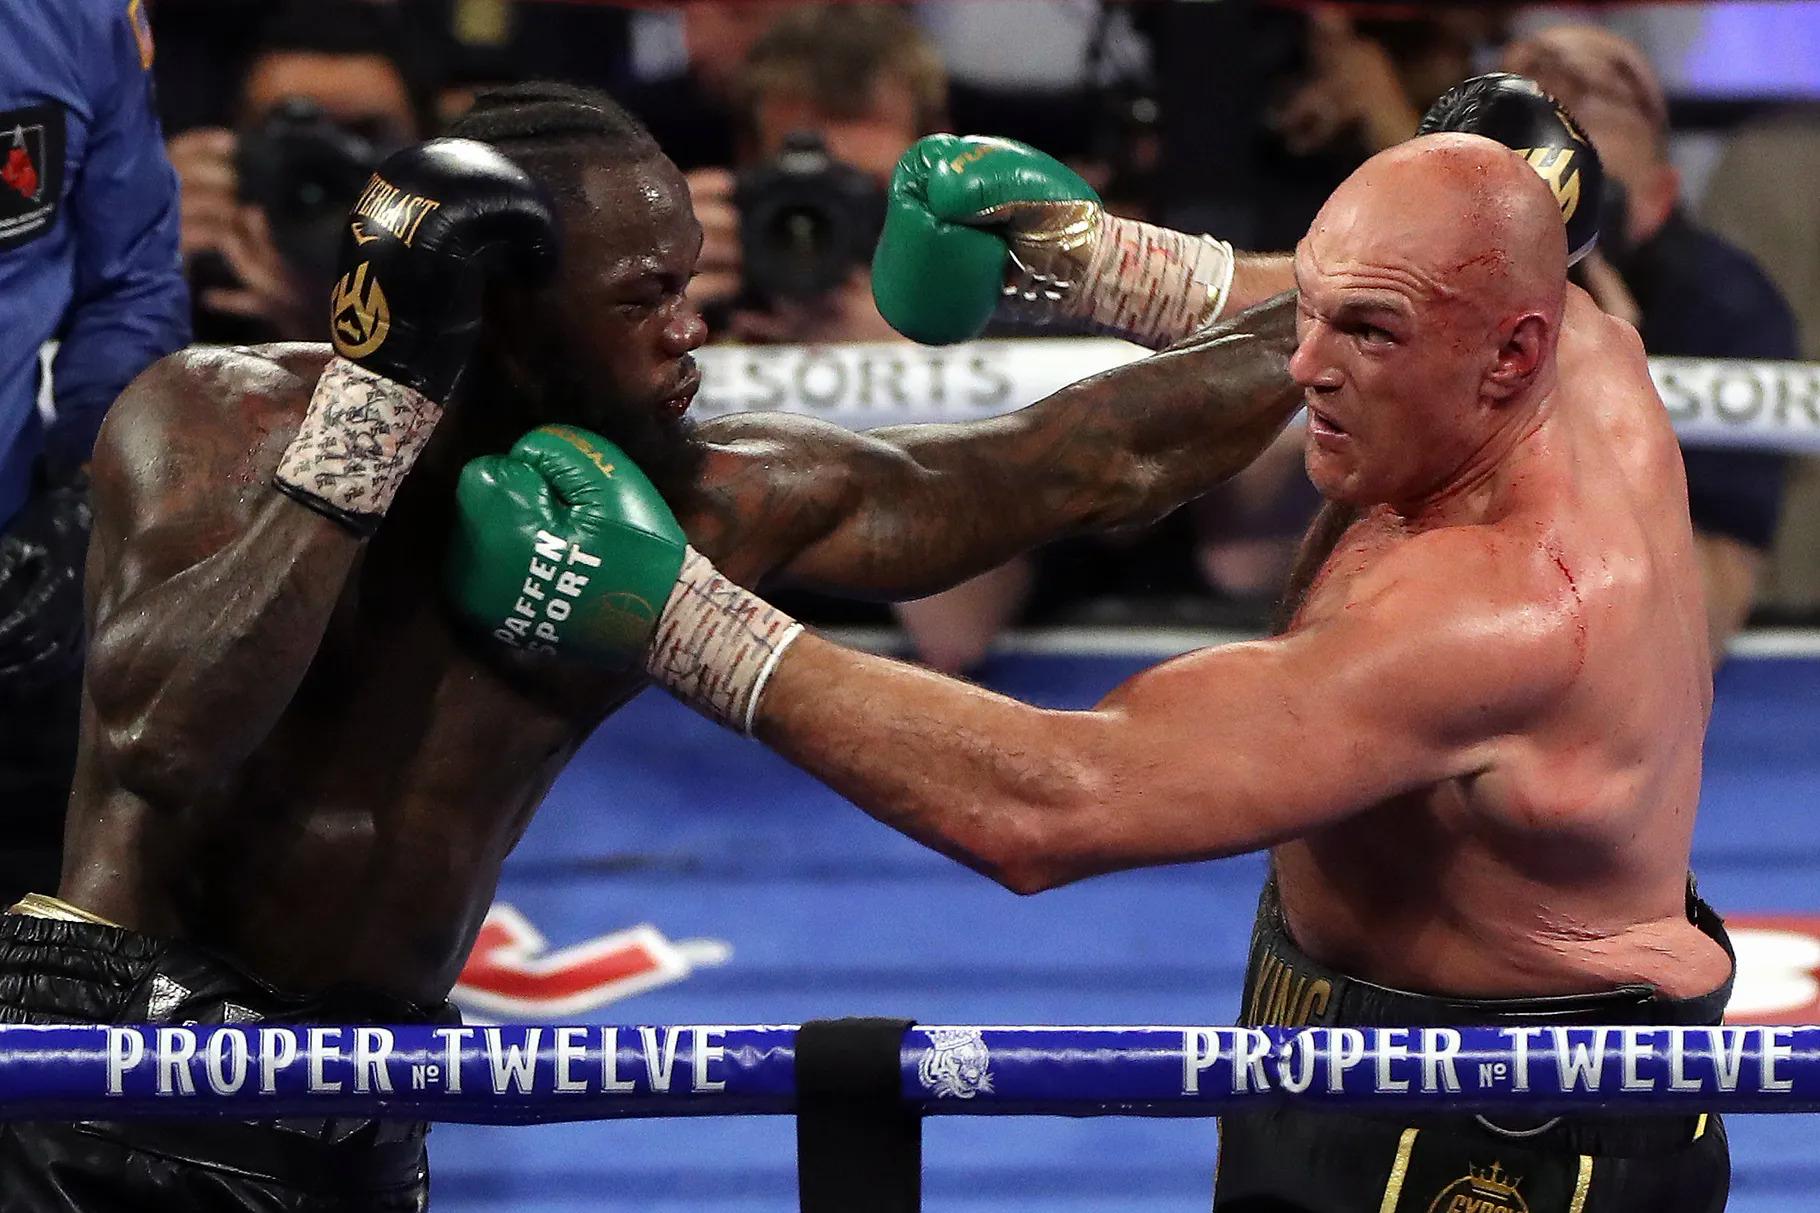 Fury bị buộc phải đấu với Wilder trận thứ ba theo giao kèo cũ. Ảnh: PA Images